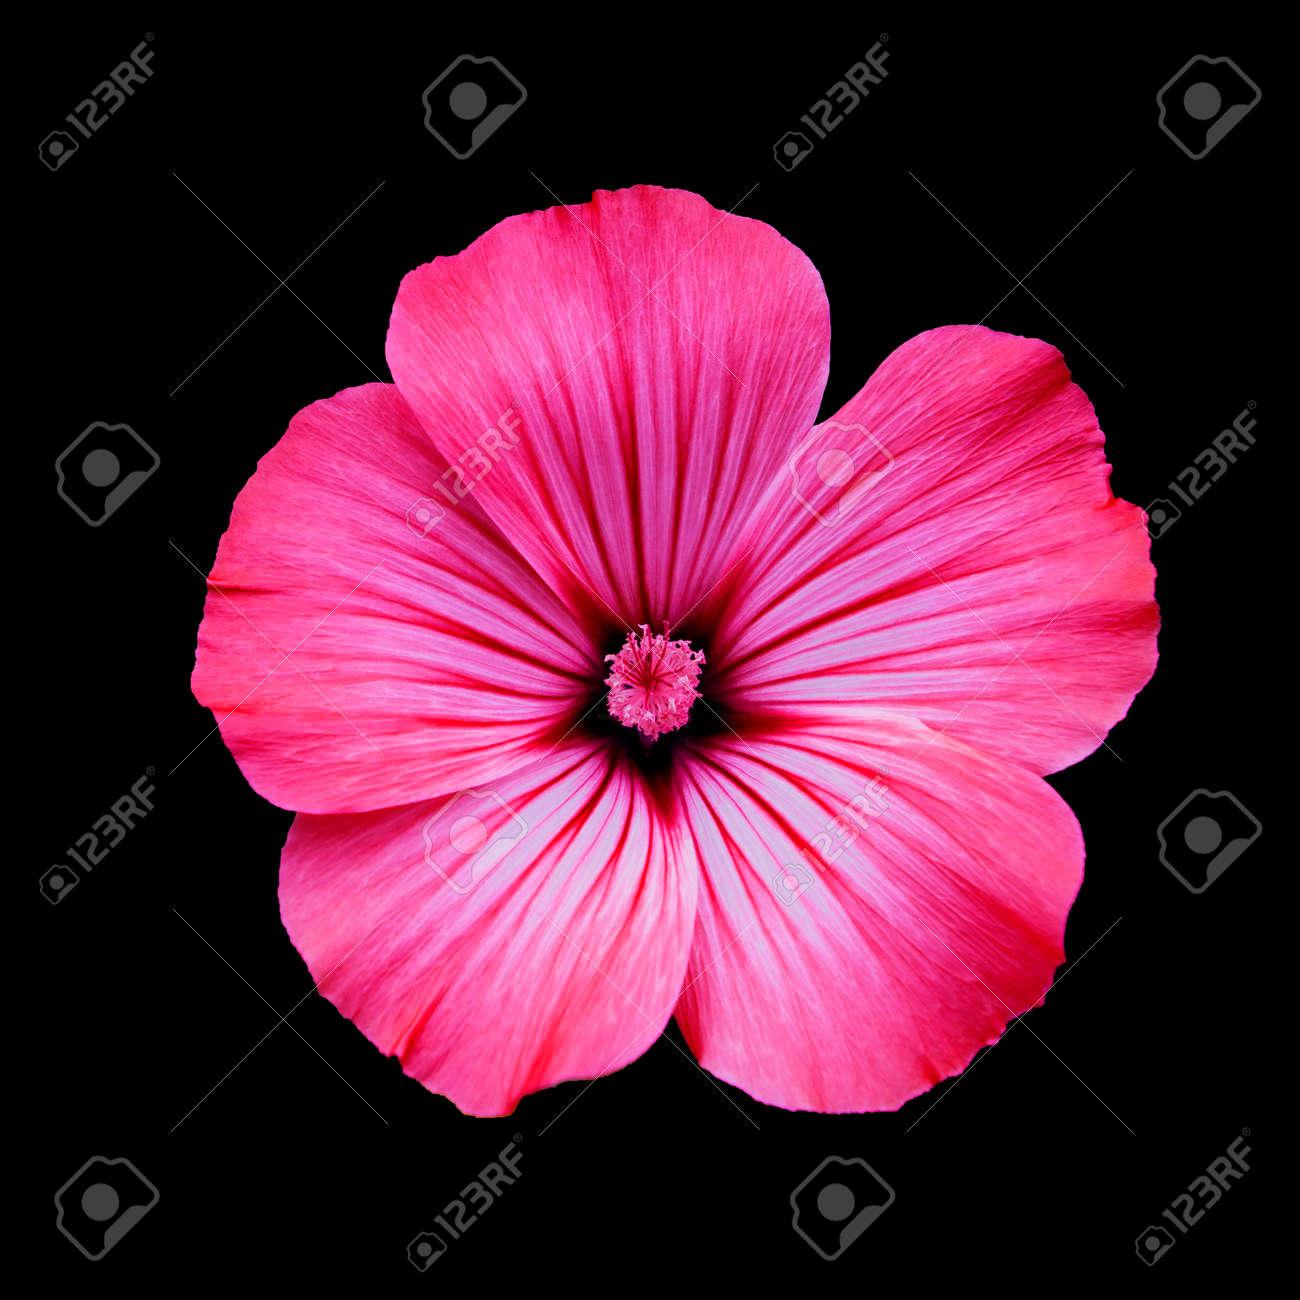 Immagini Stock Fiore Lavatera Rosso Isolato Sfondo Nero Macro